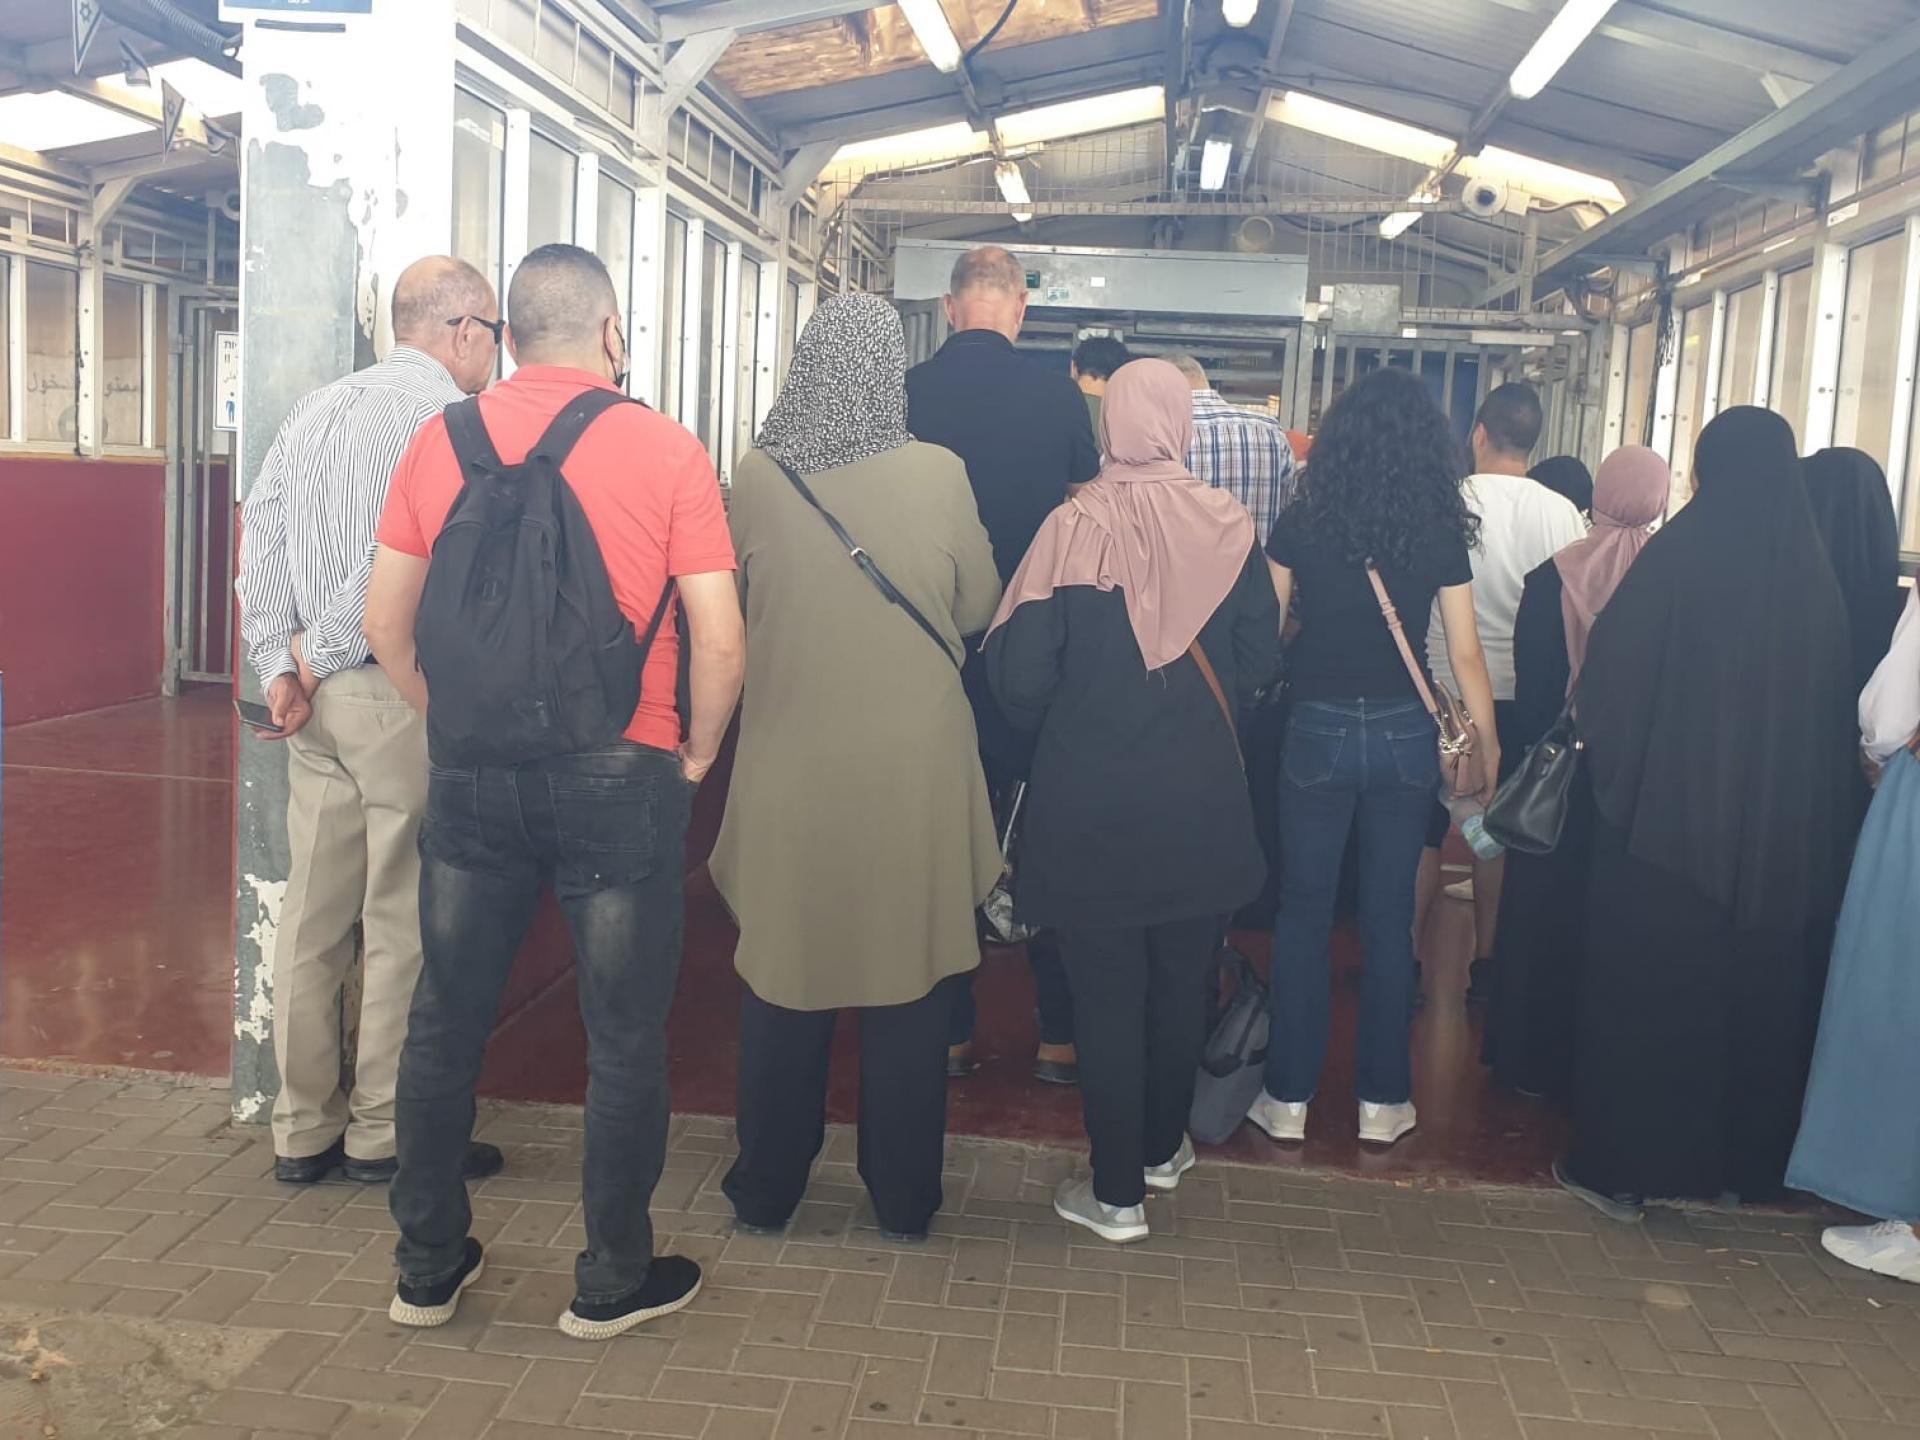 קבוצת פלסטינים ממתינים בתור בתוך מחסום